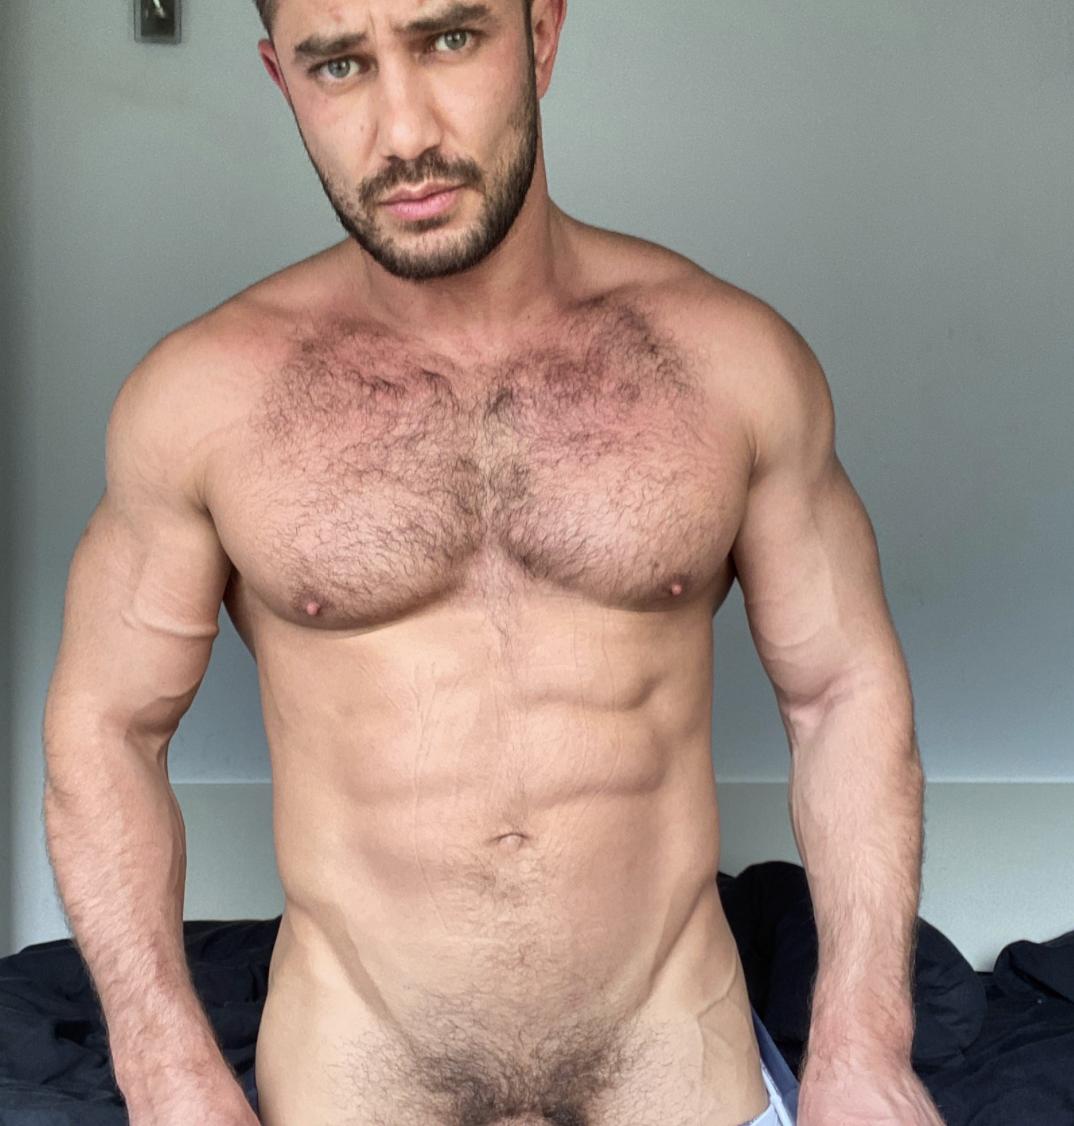 Actores Porno Gay De Men Com los actores porno gay m�s buscados en cuarentena | togayther